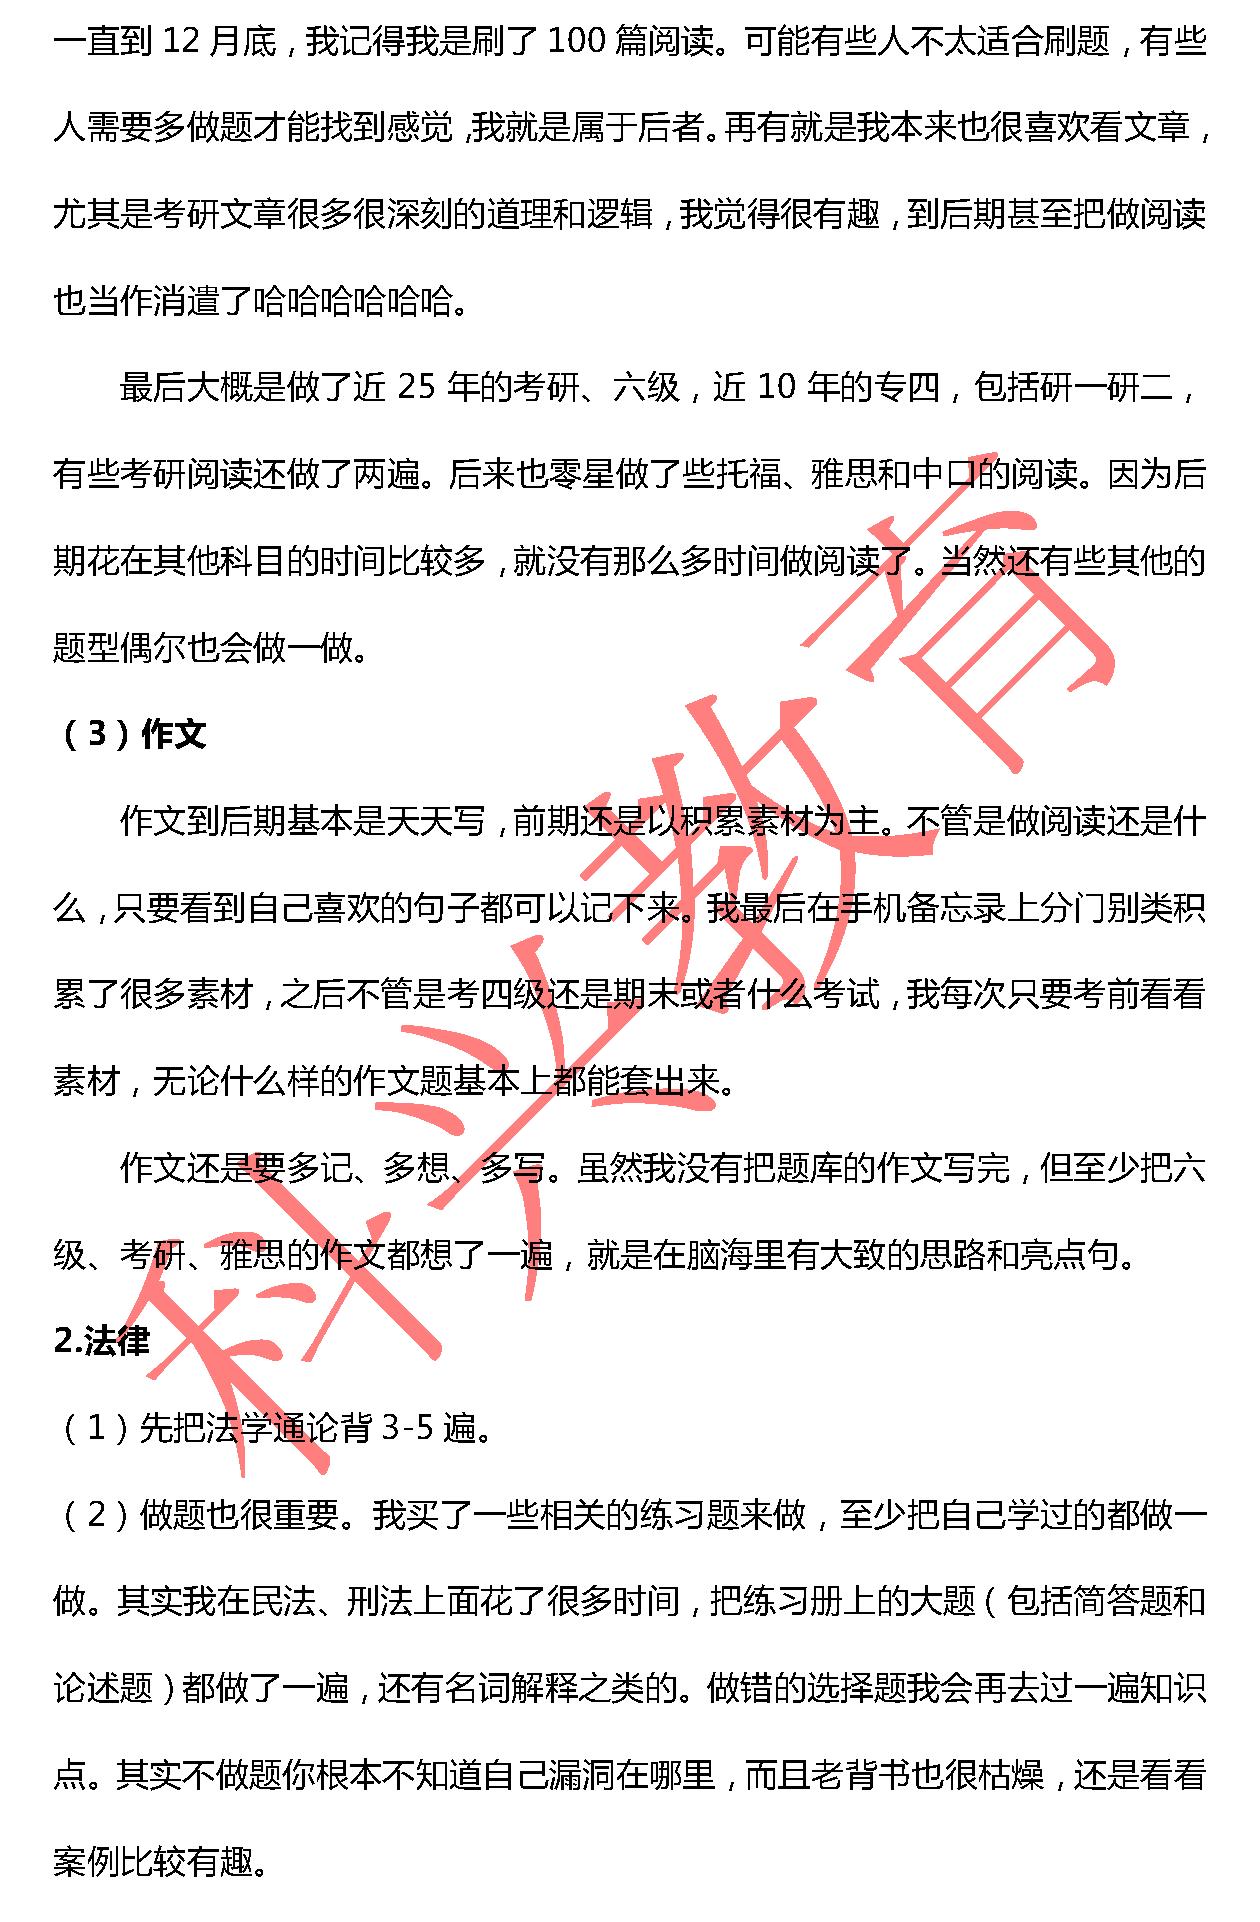 华政姚泳佳:漫漫长途 终有回转(18届)